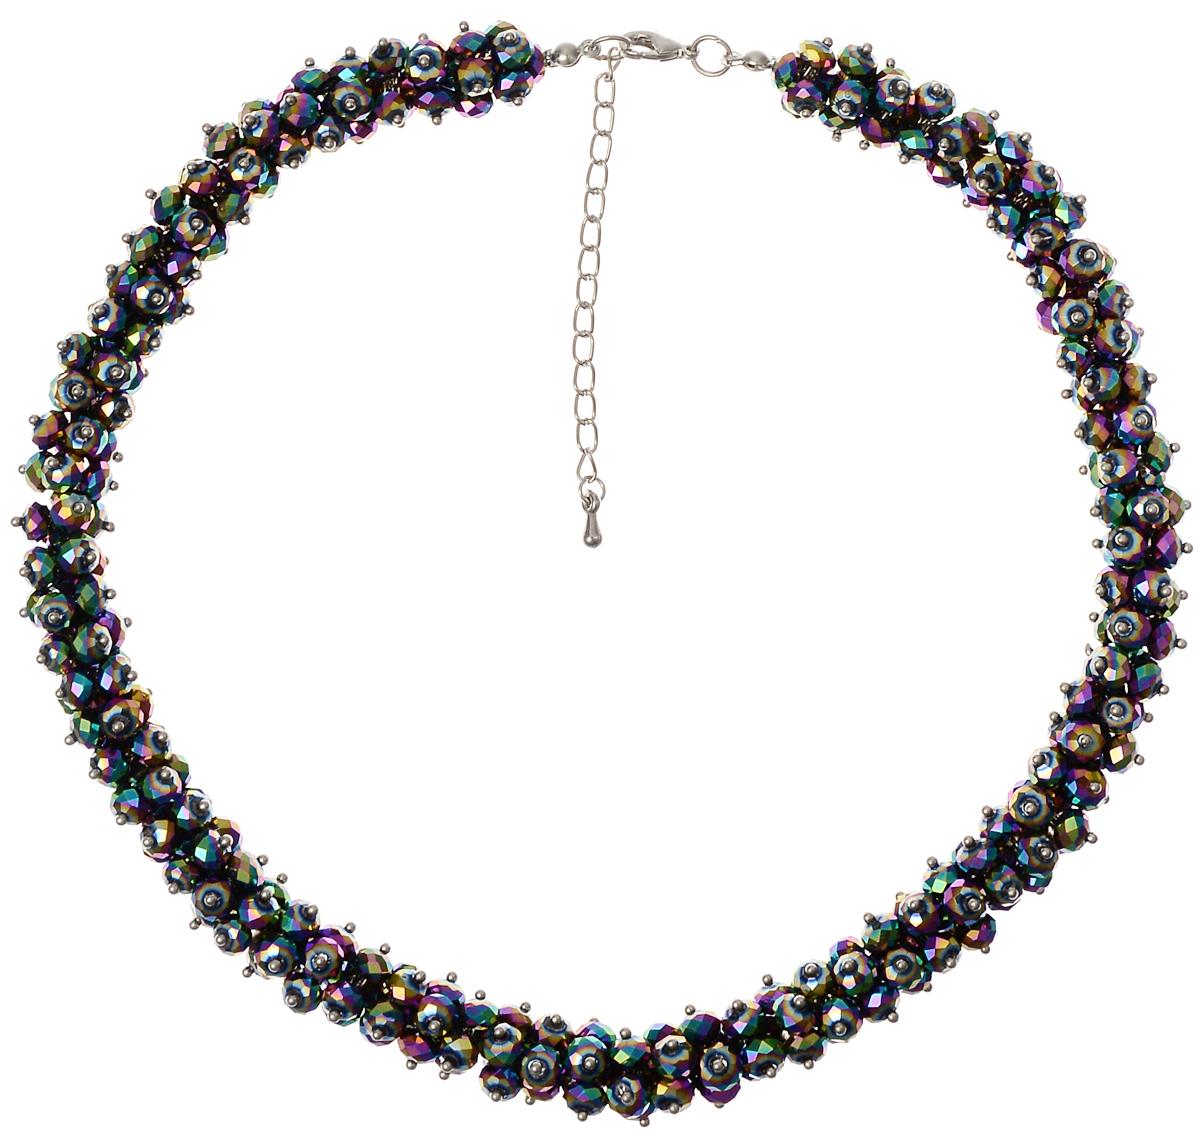 Ожерелье Fashion House, цвет: серебряный, мультицвет. FH2804939890|Колье (короткие одноярусные бусы)Оригинальное ожерелье Fashion House выполнено в виде основы из прочной нейлоновой нити на которую нанизаны граненые бусины.Изделие застегивается на практичный замок-карабин, длину ожерелья возможно регулировать при помощи дополнительных звеньев в цепочке.Изящное ожерелье придаст вашему образу изюминку, подчеркнет красоту и изящество вечернего платья или преобразит повседневный наряд.